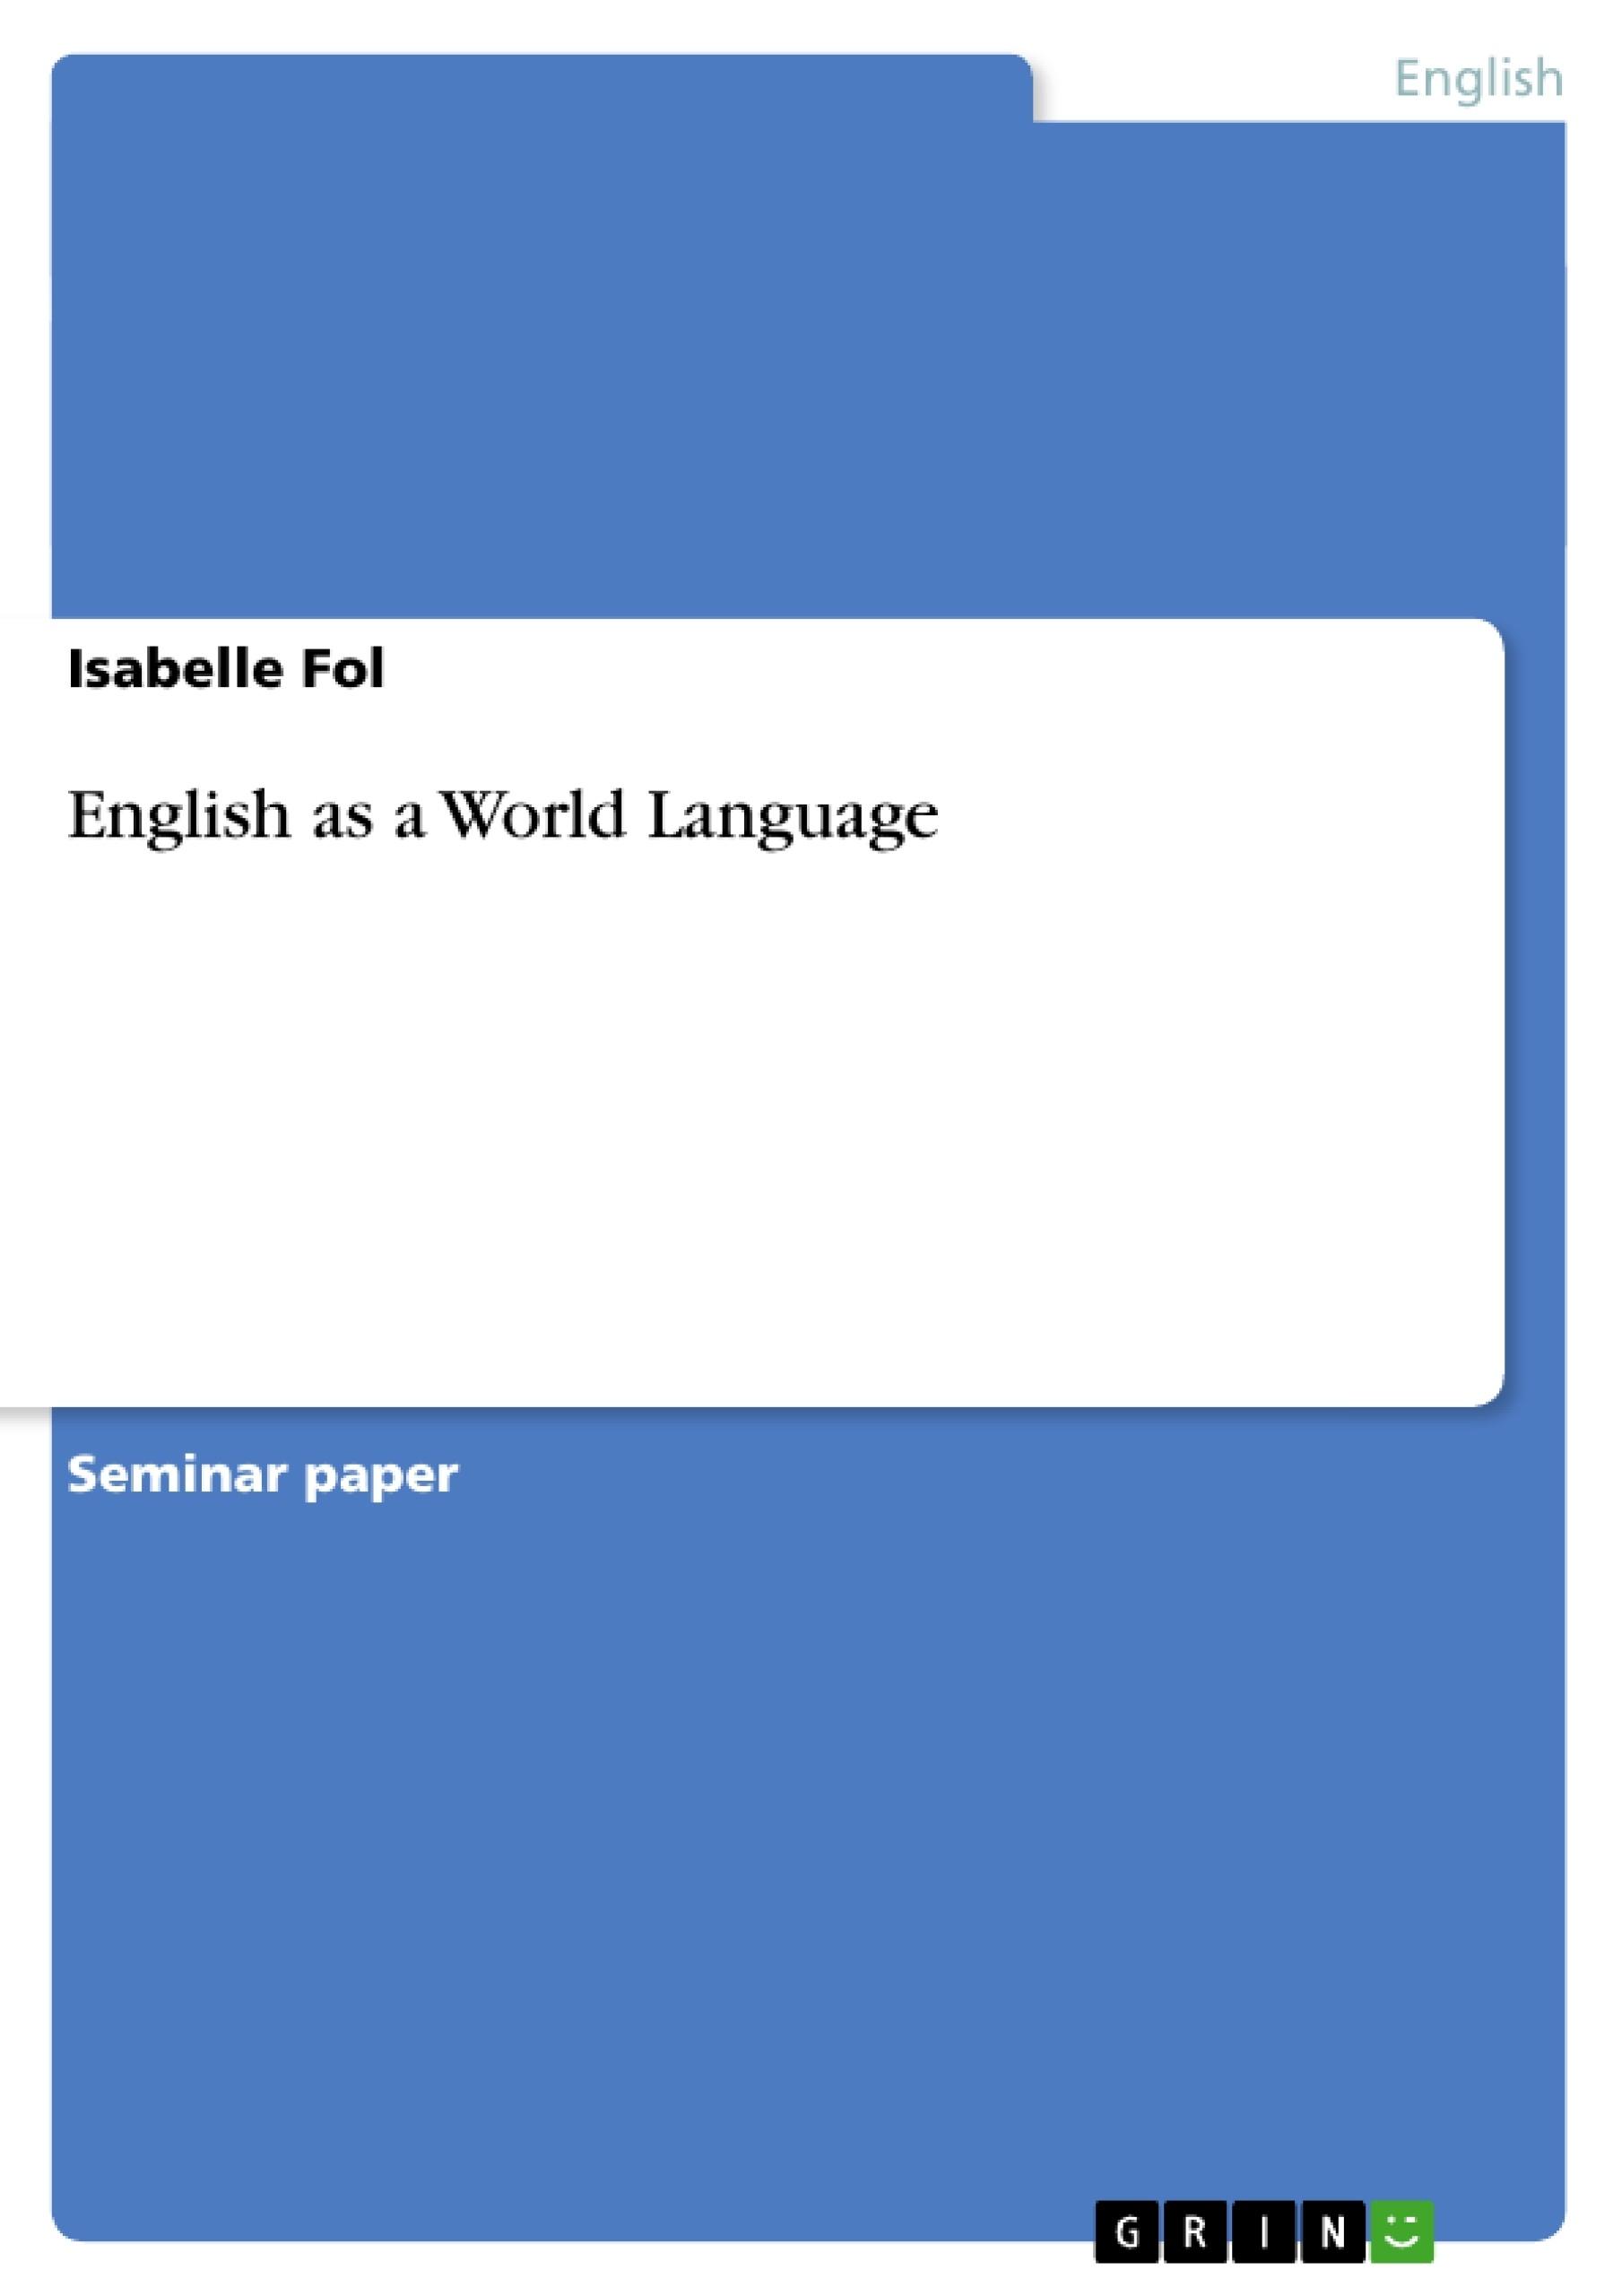 Title: English as a World Language